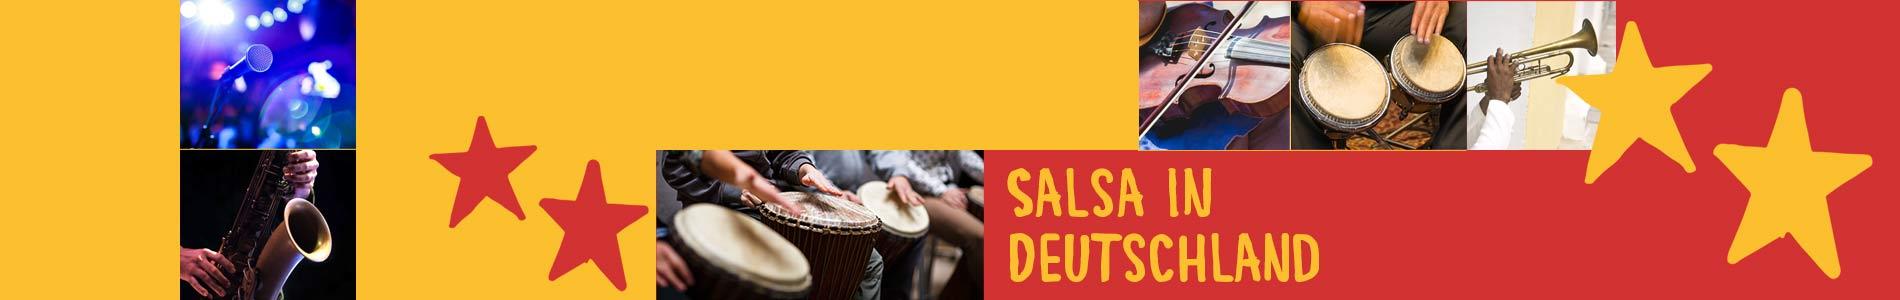 Salsa in Breese – Salsa lernen und tanzen, Tanzkurse, Partys, Veranstaltungen